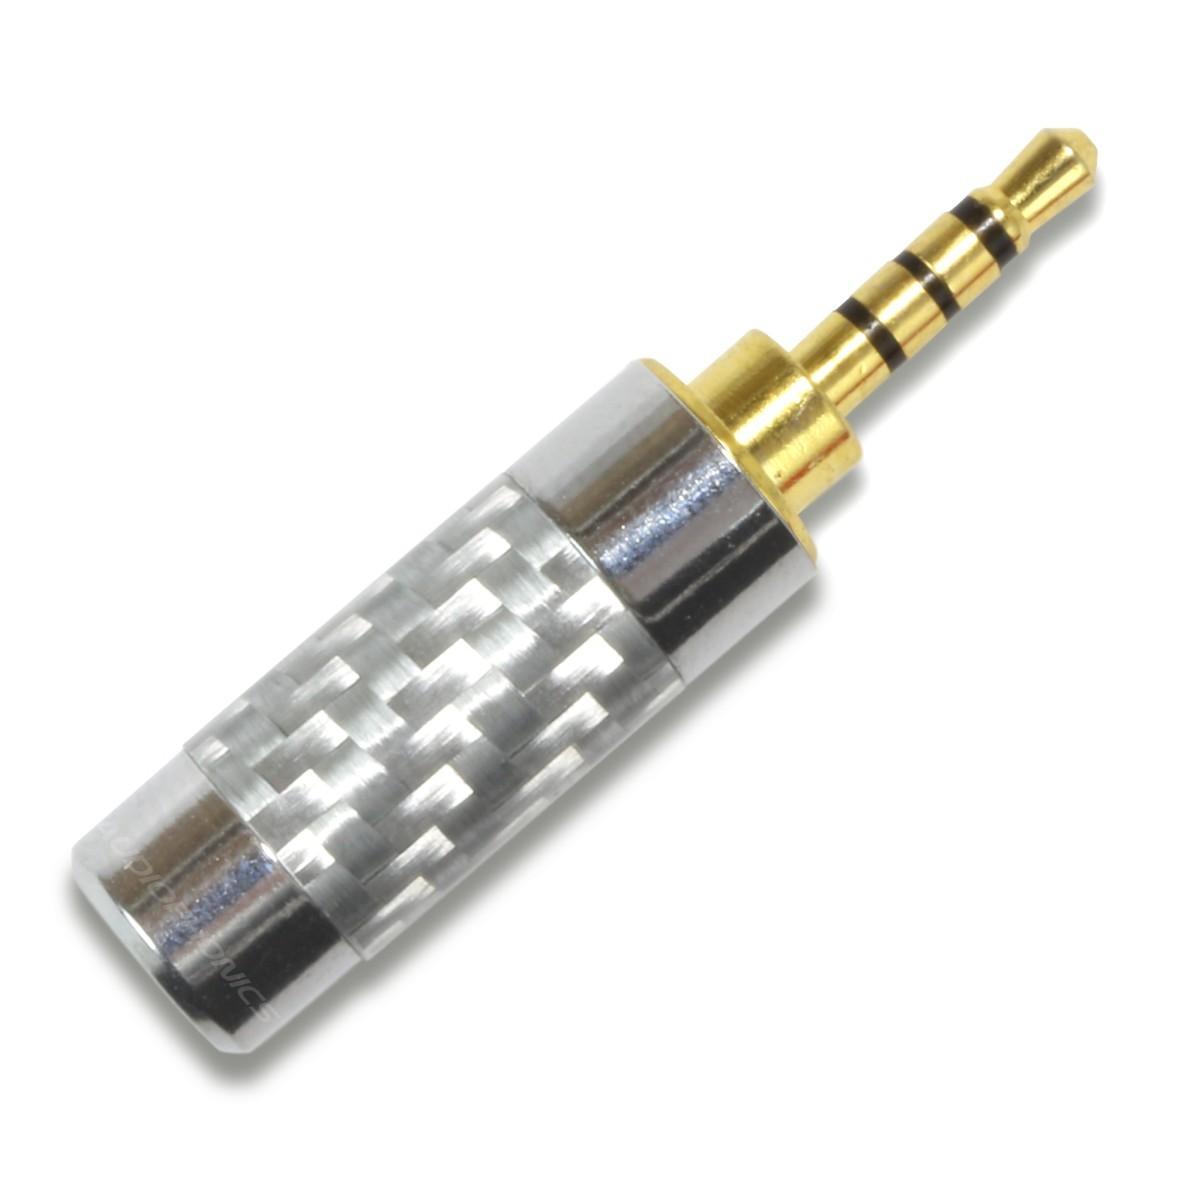 Connecteur Jack 2.5mm TRRS plaqué Or Ø4mm (Unité) Argent